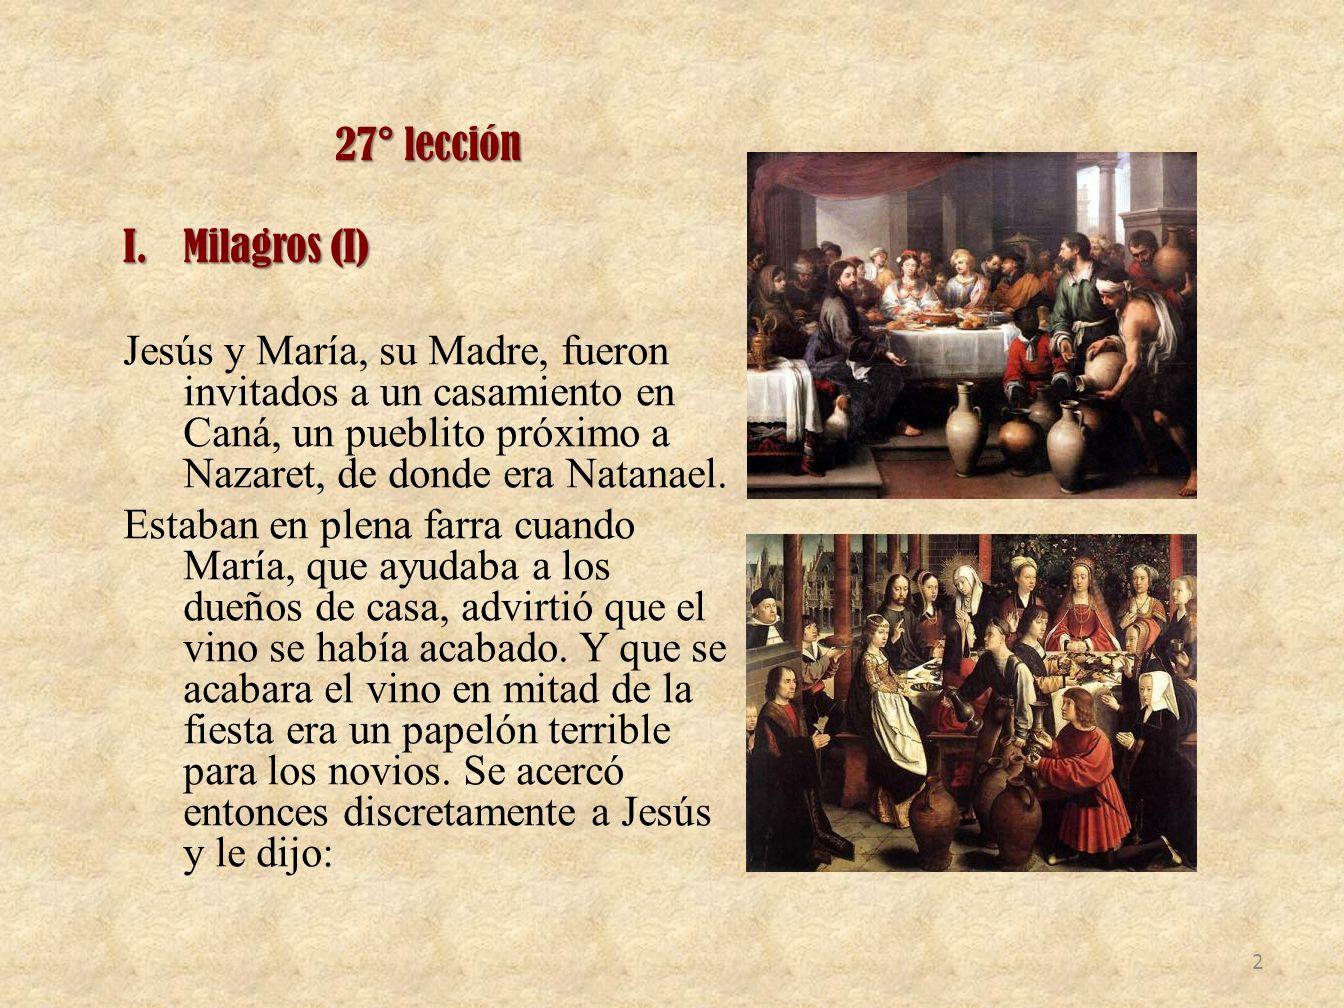 27° lección Milagros (I) Jesús y María, su Madre, fueron invitados a un casamiento en Caná, un pueblito próximo a Nazaret, de donde era Natanael.